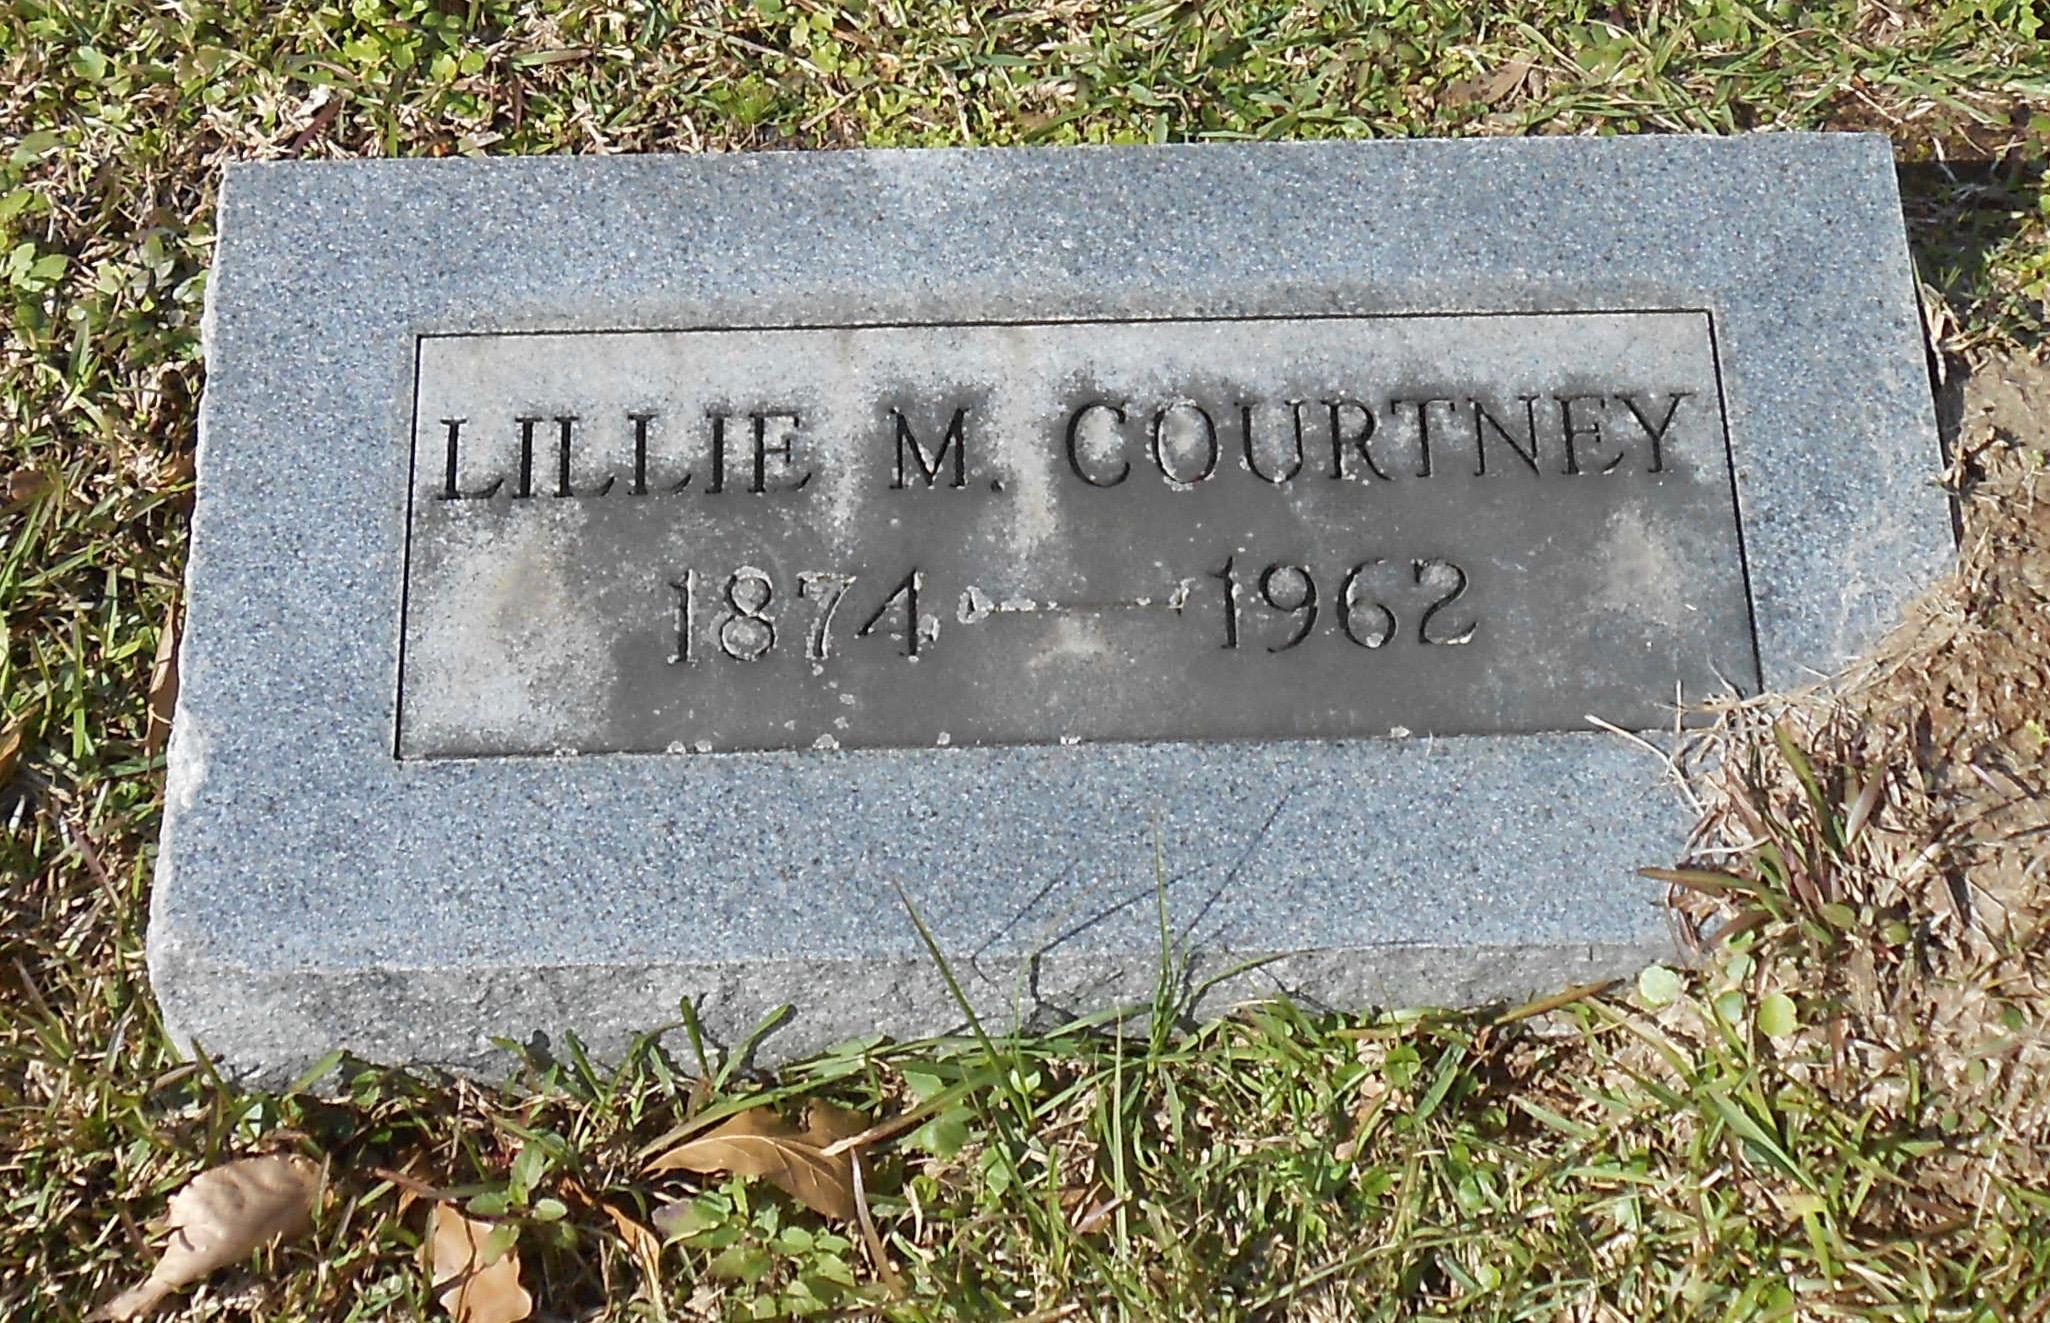 Lillie M Courtney